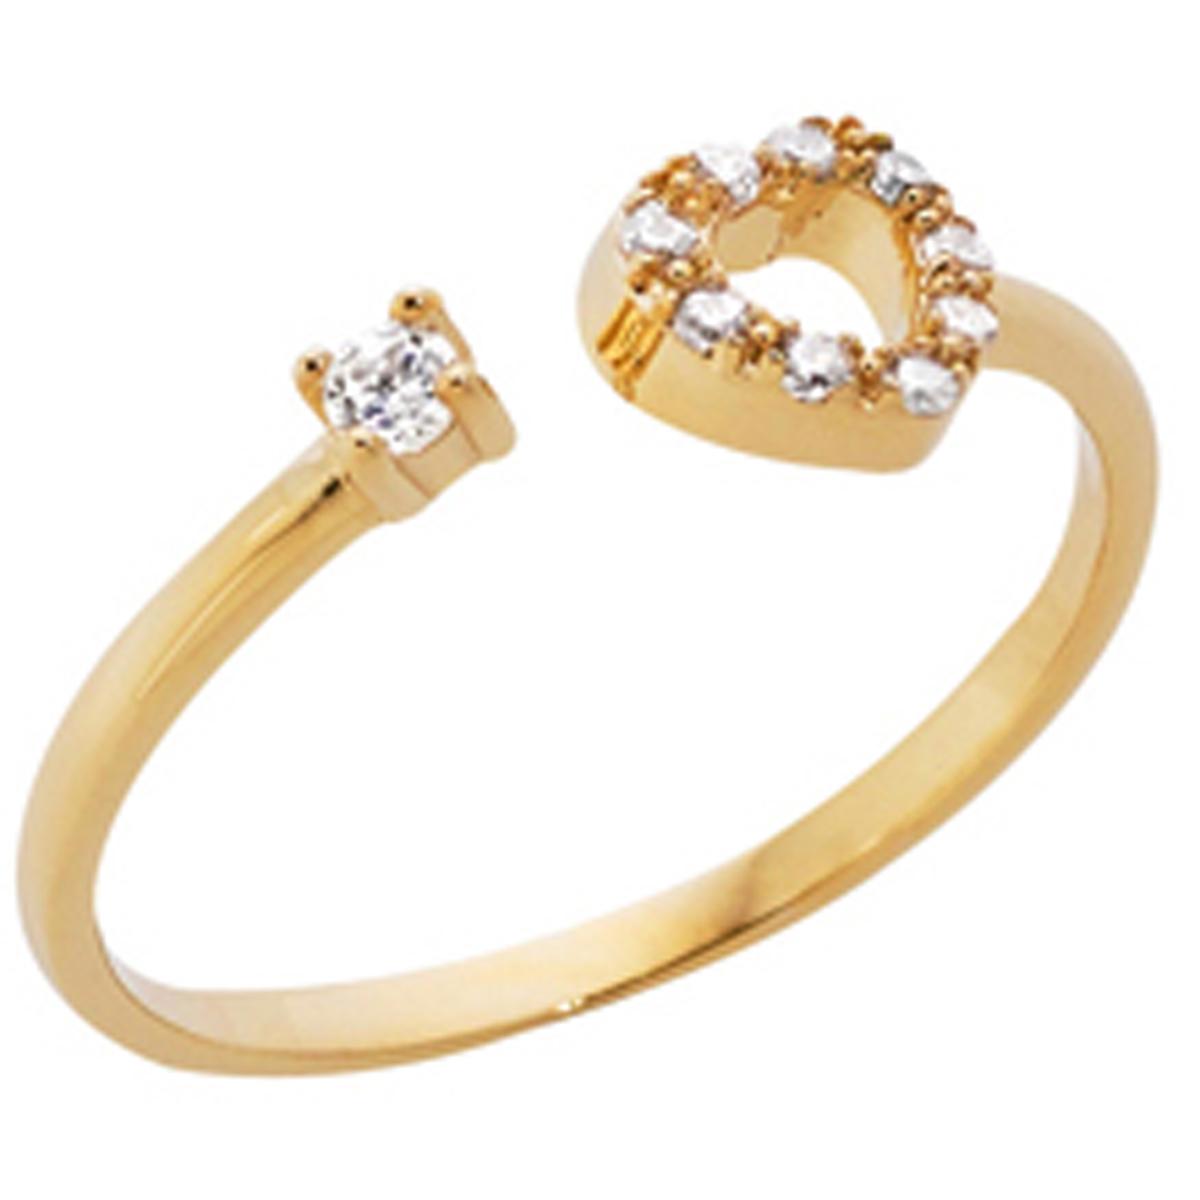 Bague plaqué or \'Love\' doré  (coeur) - 6x6 mm - [Q6018]